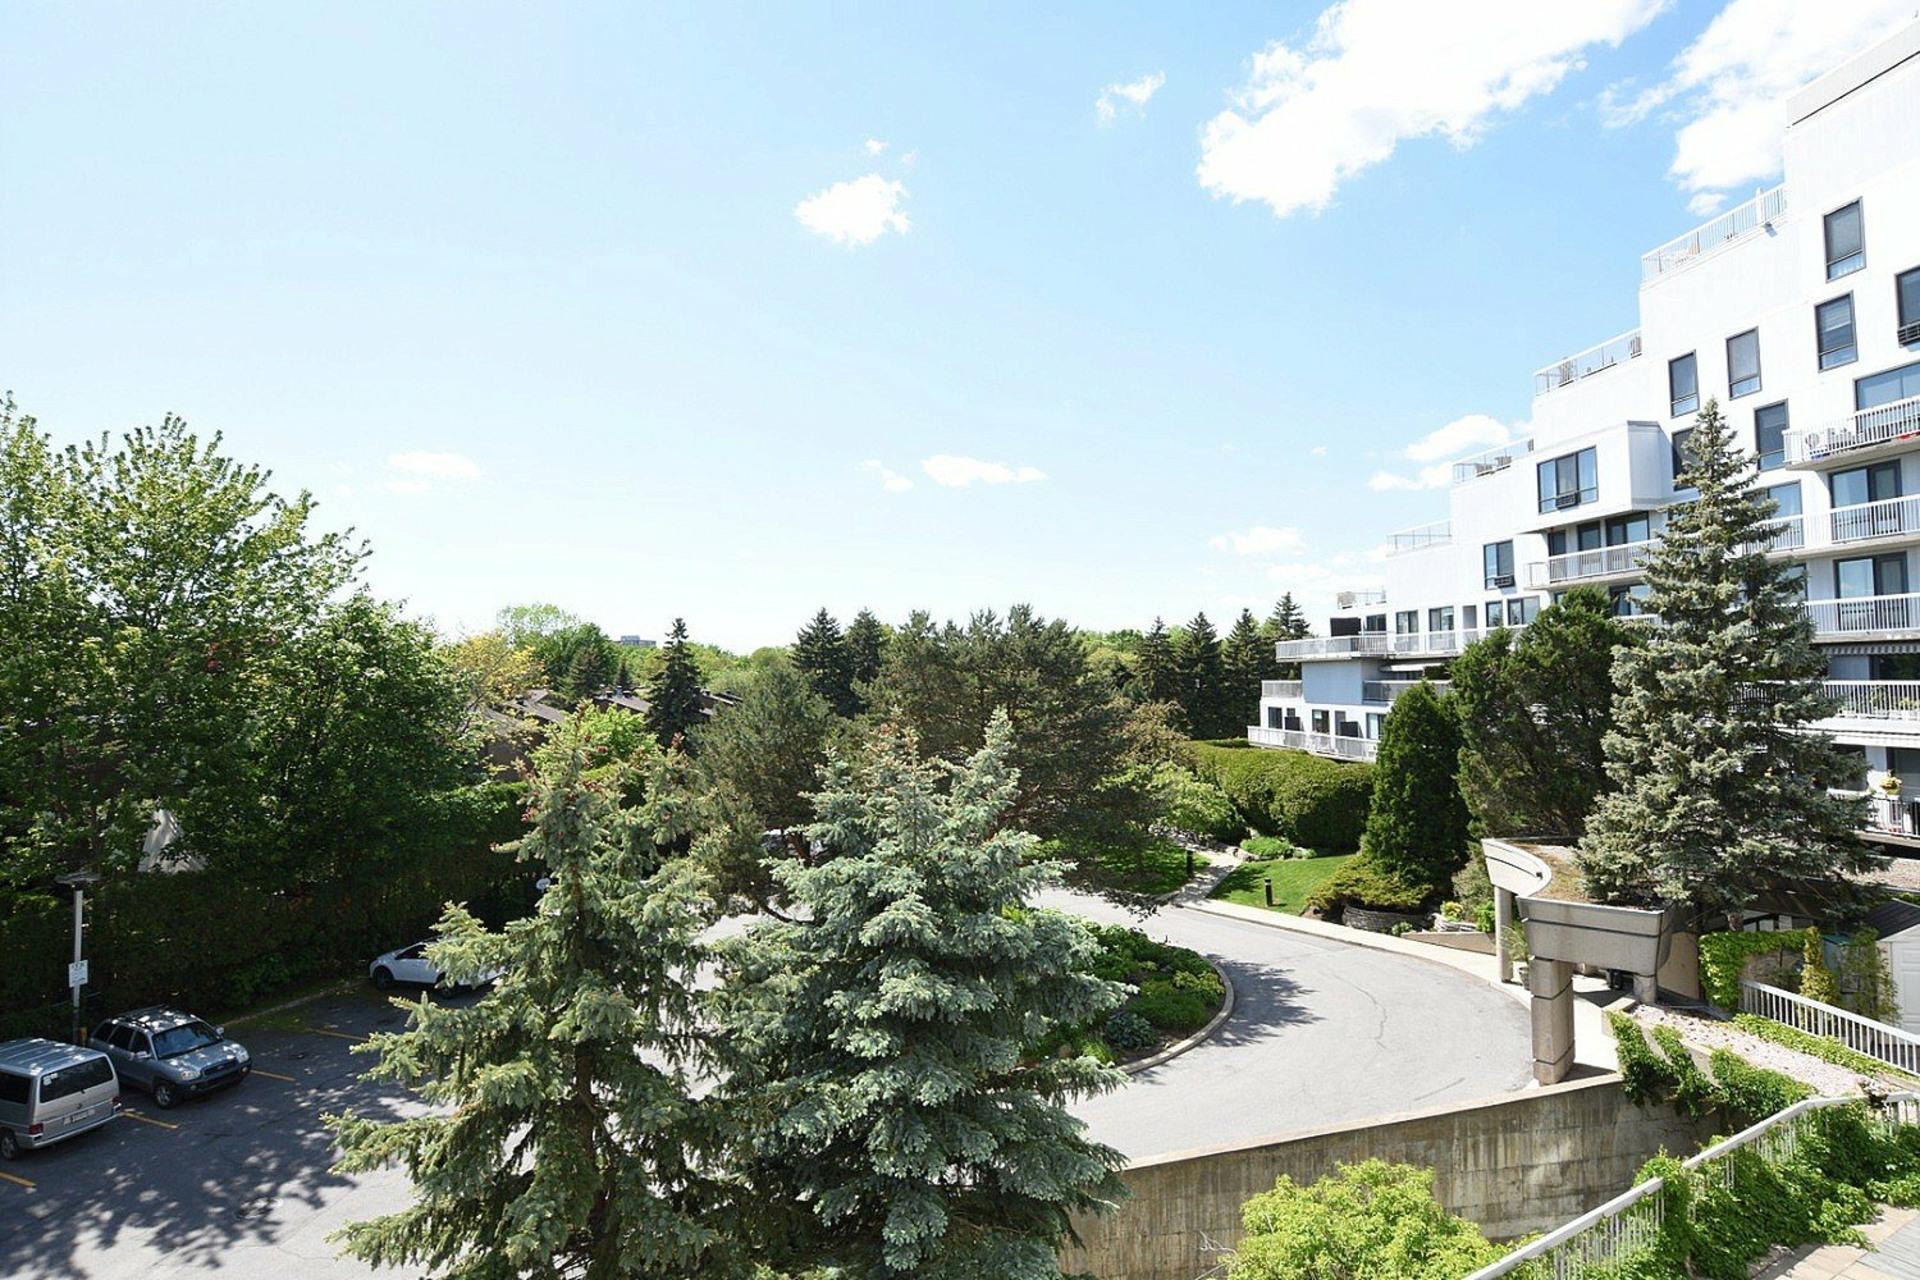 image 15 - Appartement À vendre Verdun/Île-des-Soeurs Montréal  - 4 pièces